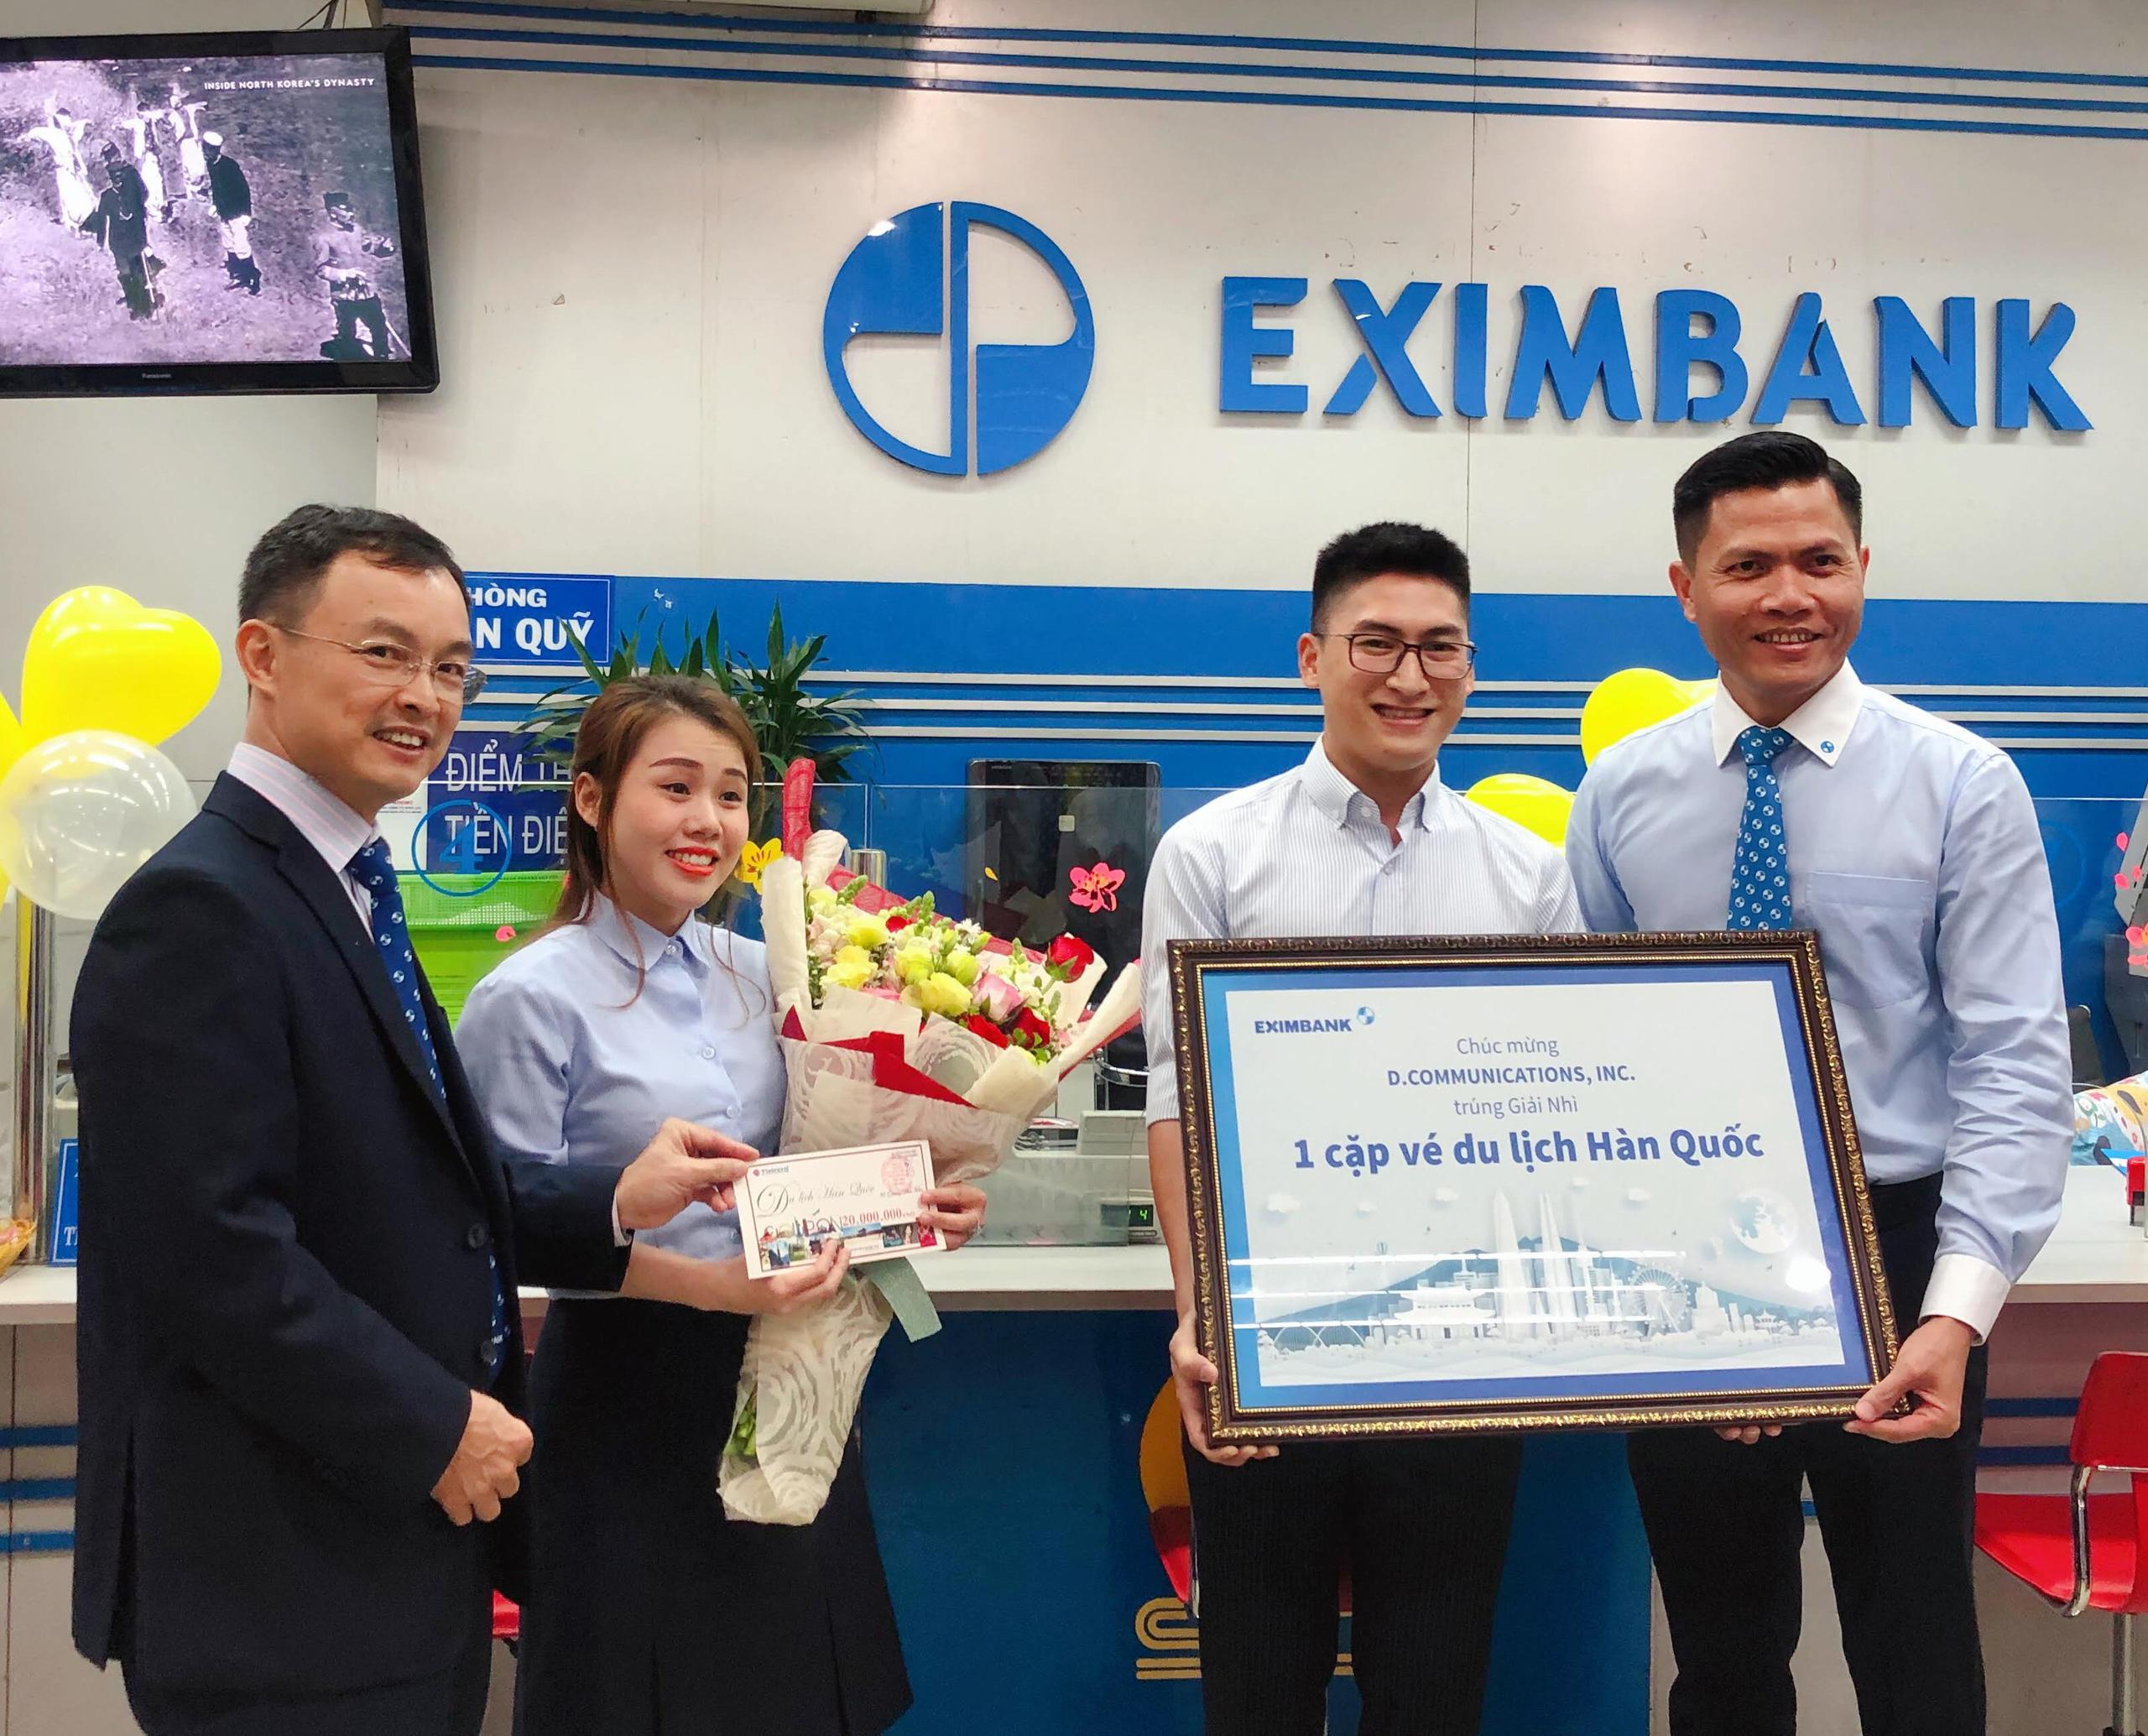 Sếp Eximbank muốn bán sạch cổ phiếu EIB sau 4 phiên tăng mạnh - Ảnh 1.